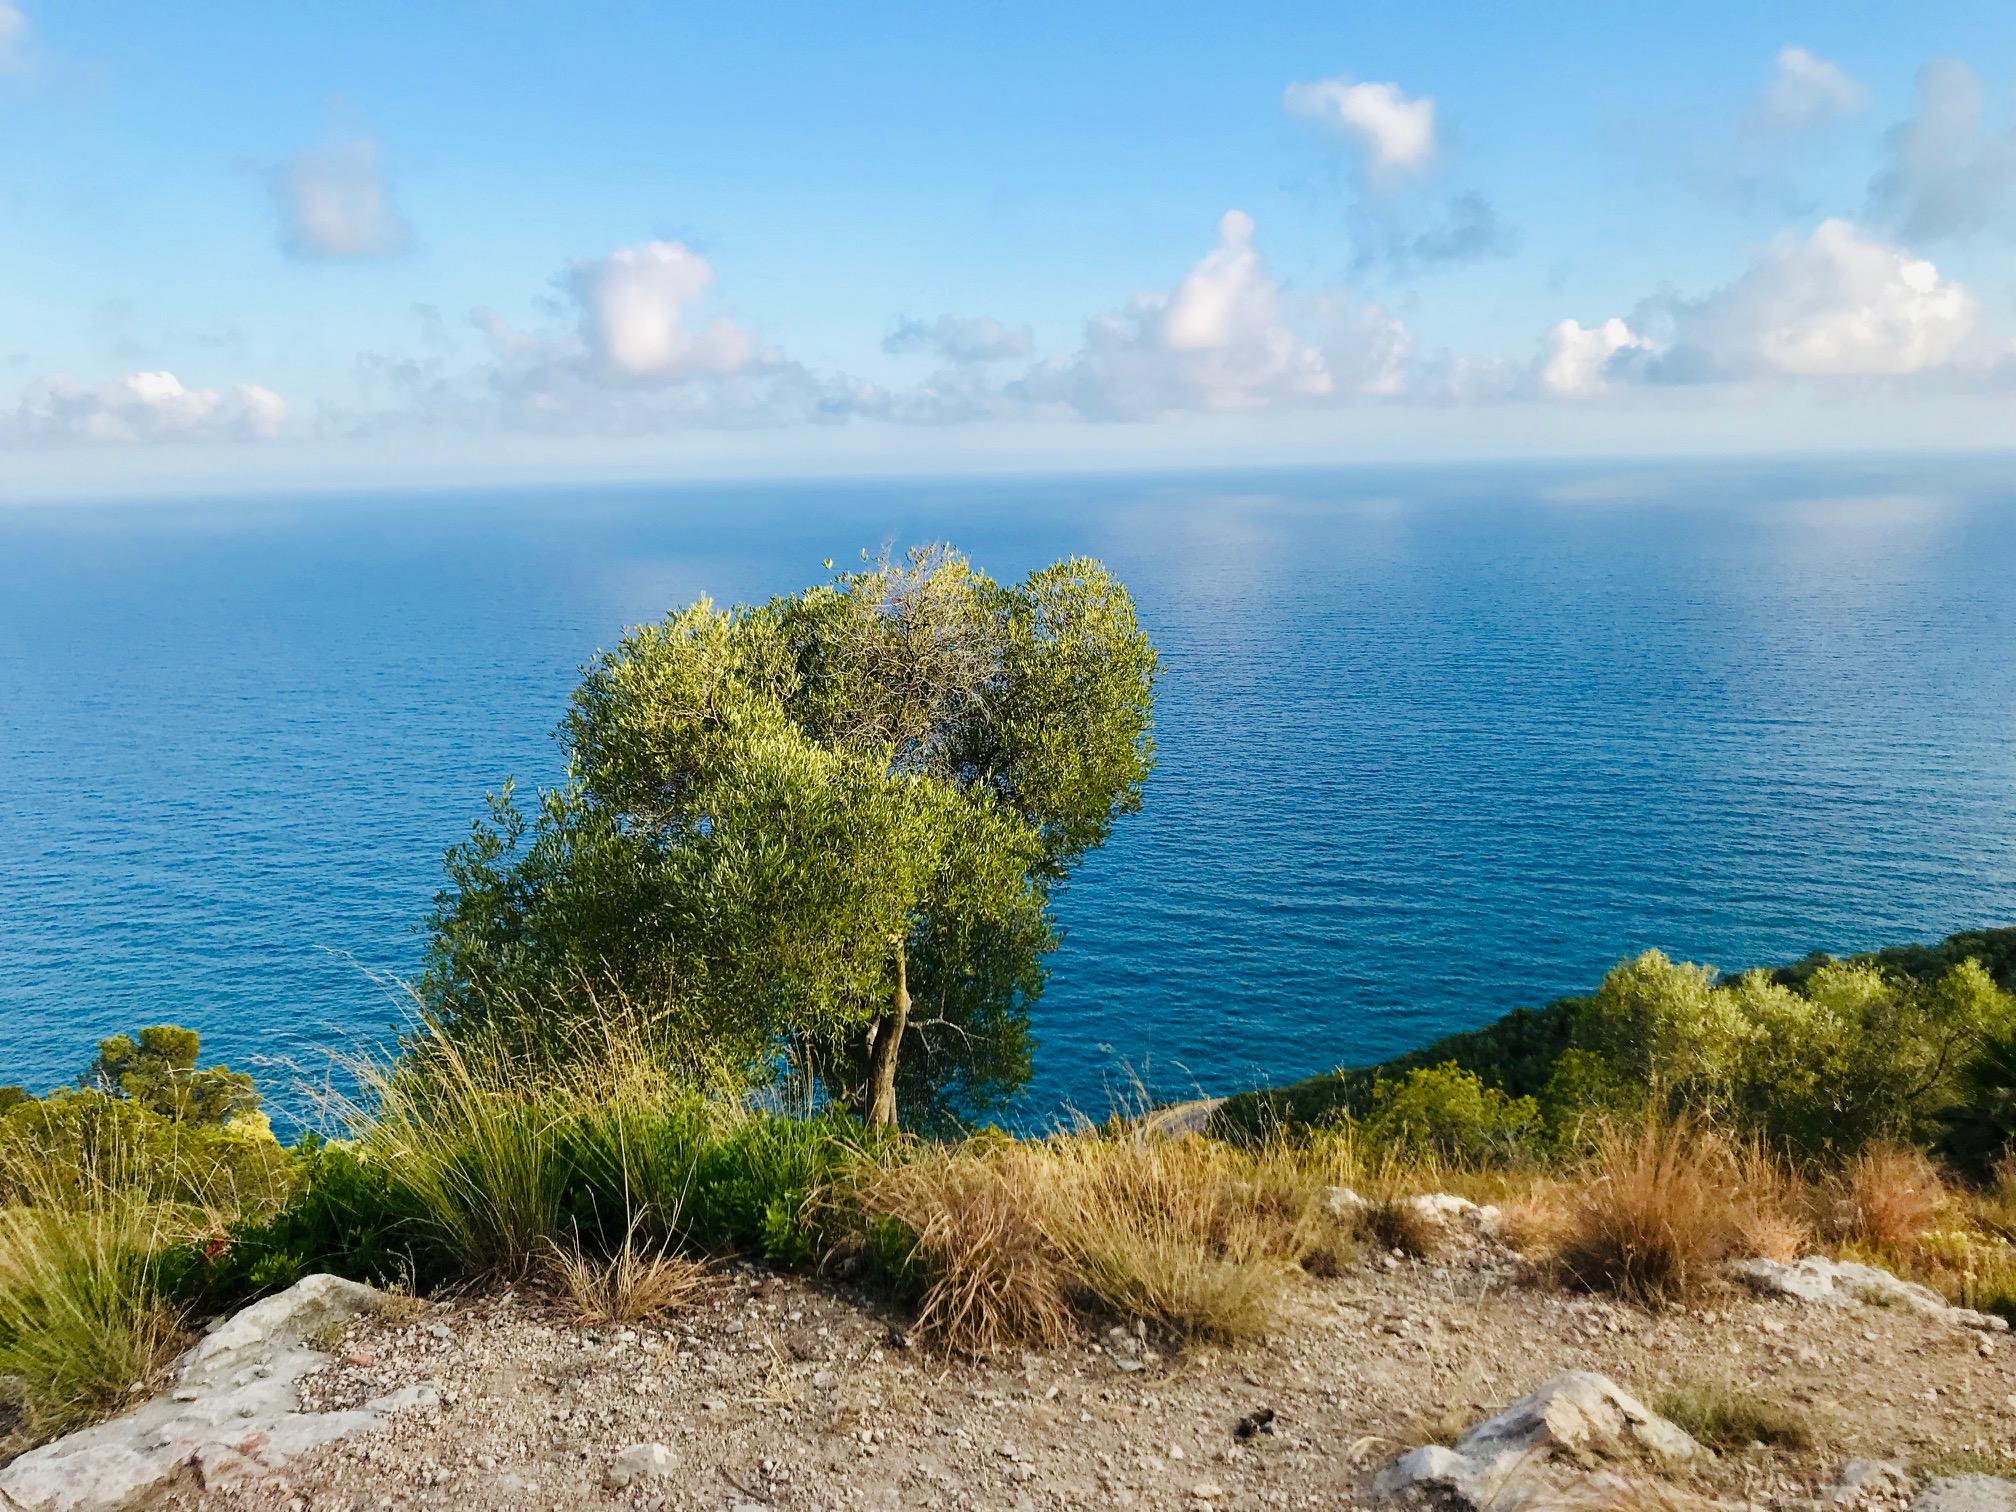 Vistas desde el tren camino de Sitges, turismo de proximidad